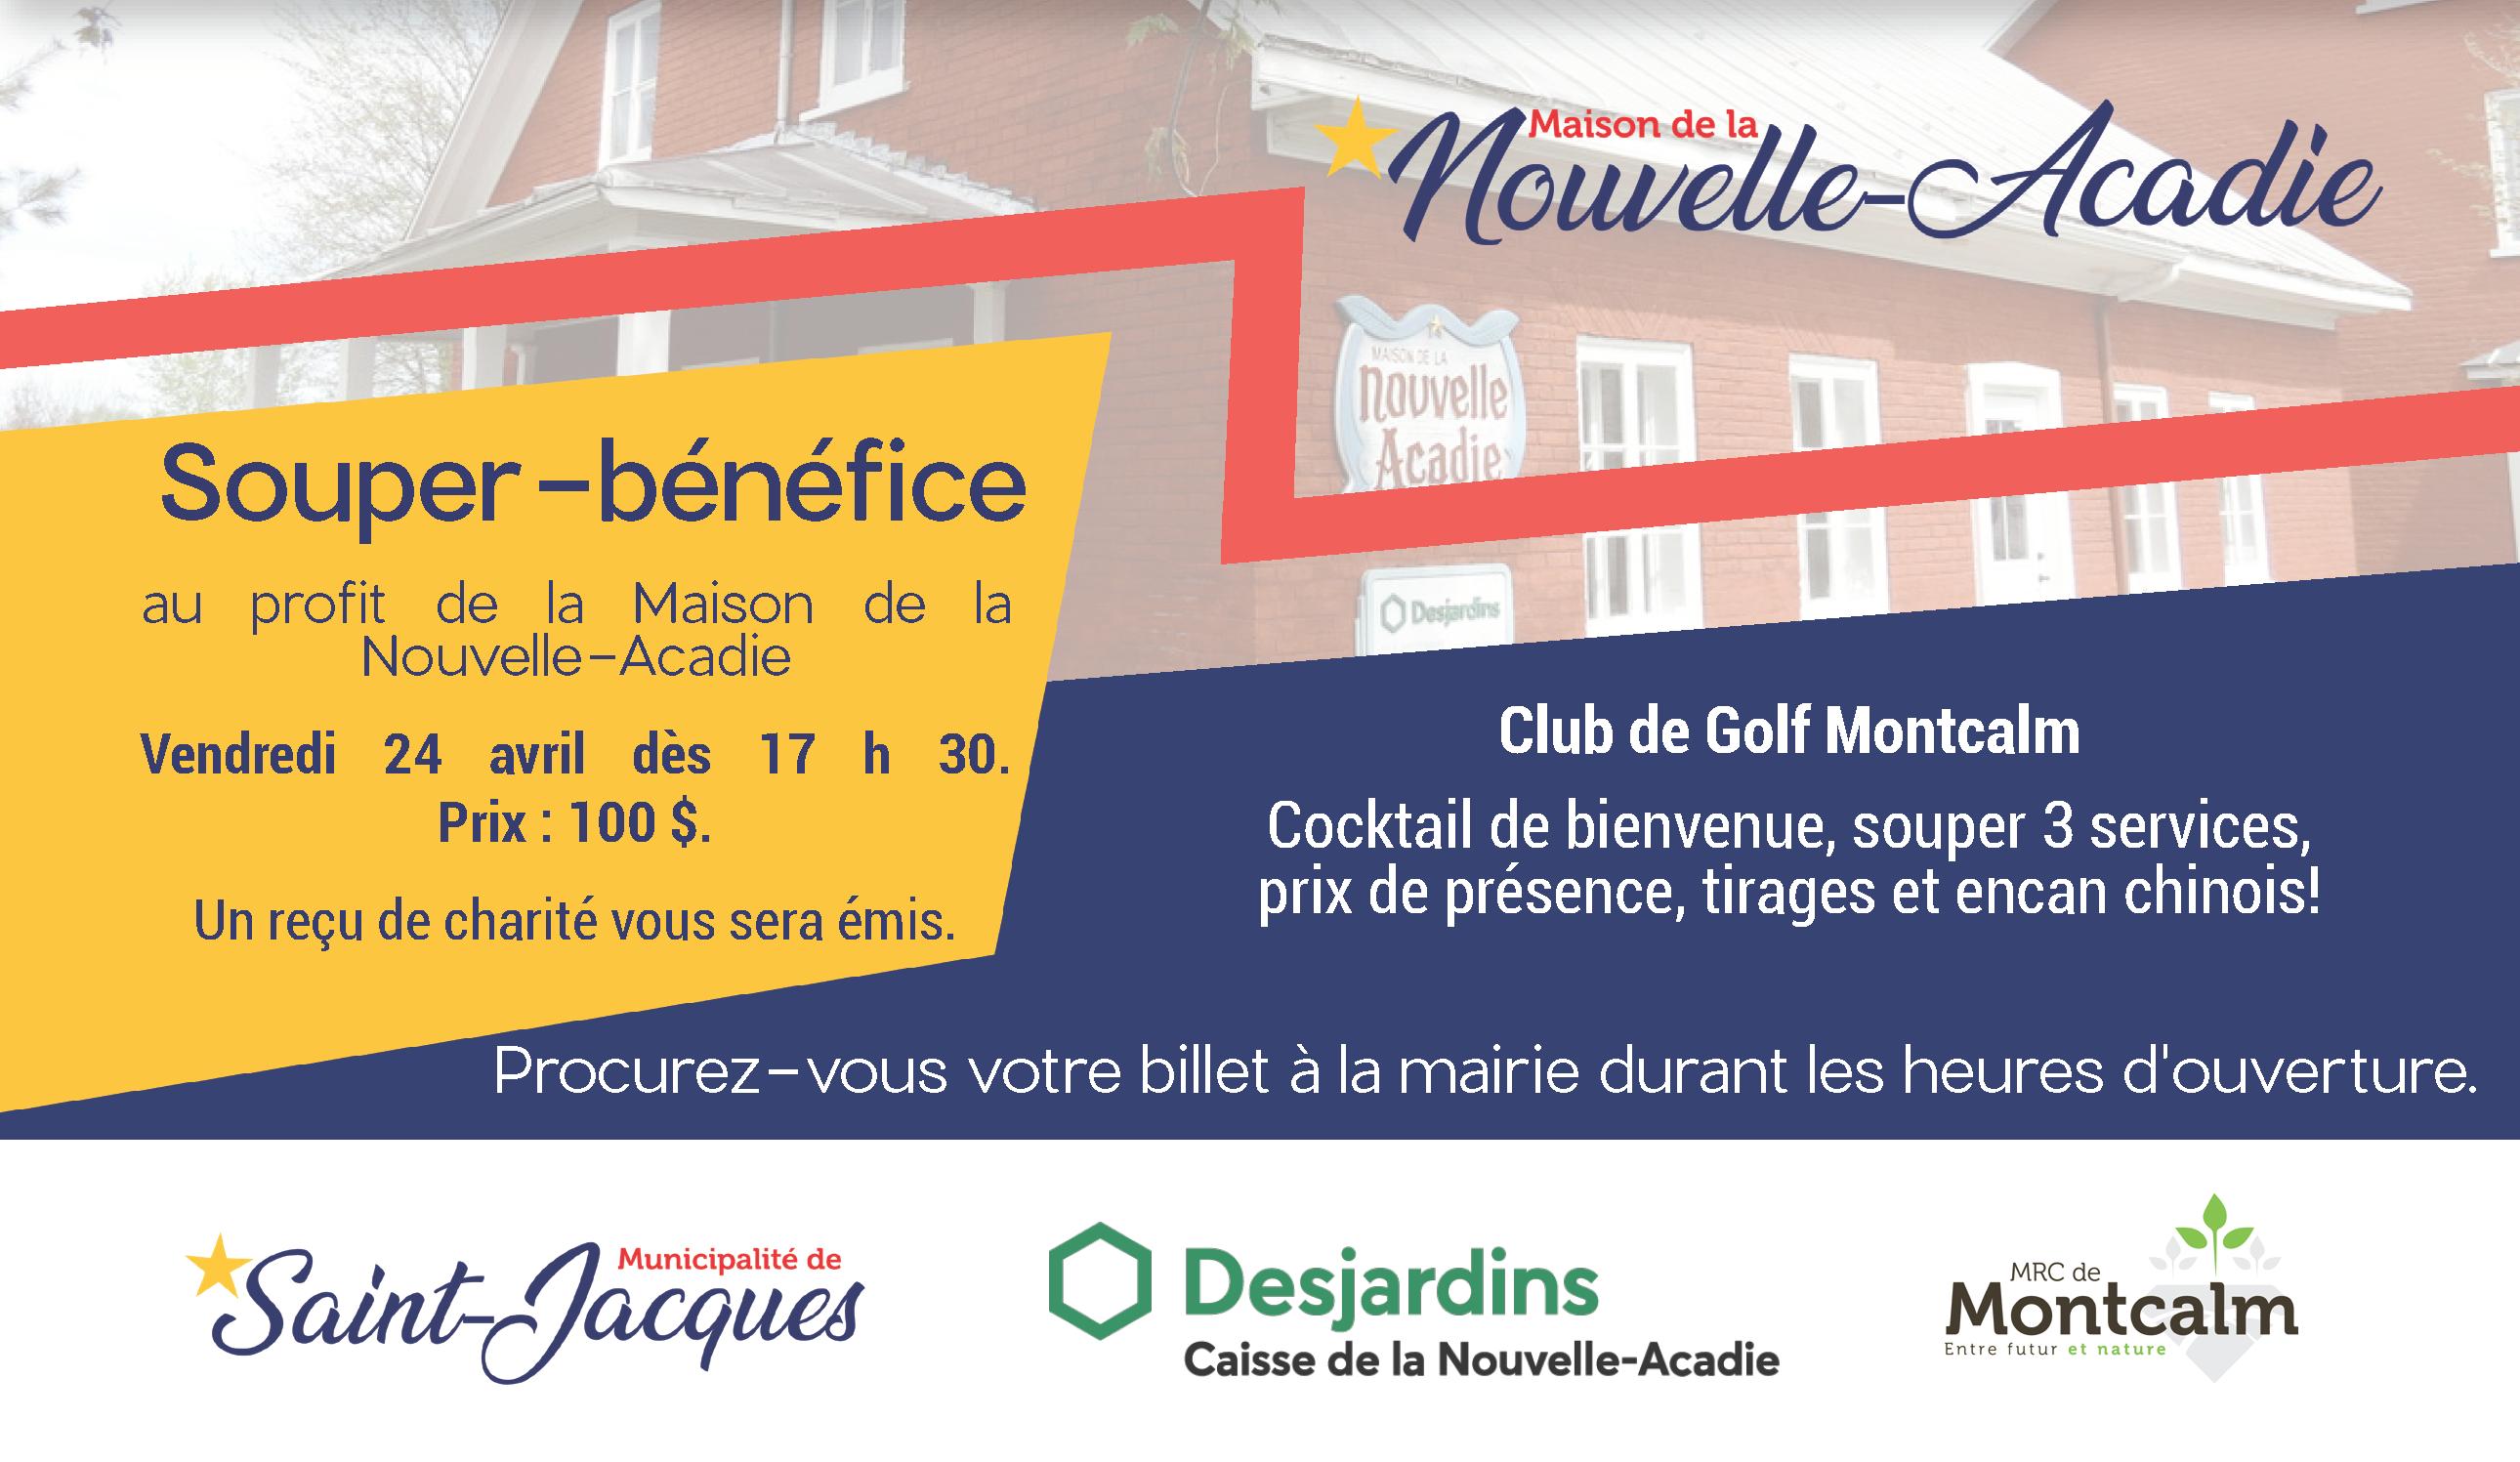 Souper bénéfice | Pour la Maison de la Nouvelle-Acadie @ Club de Golf Montcalm